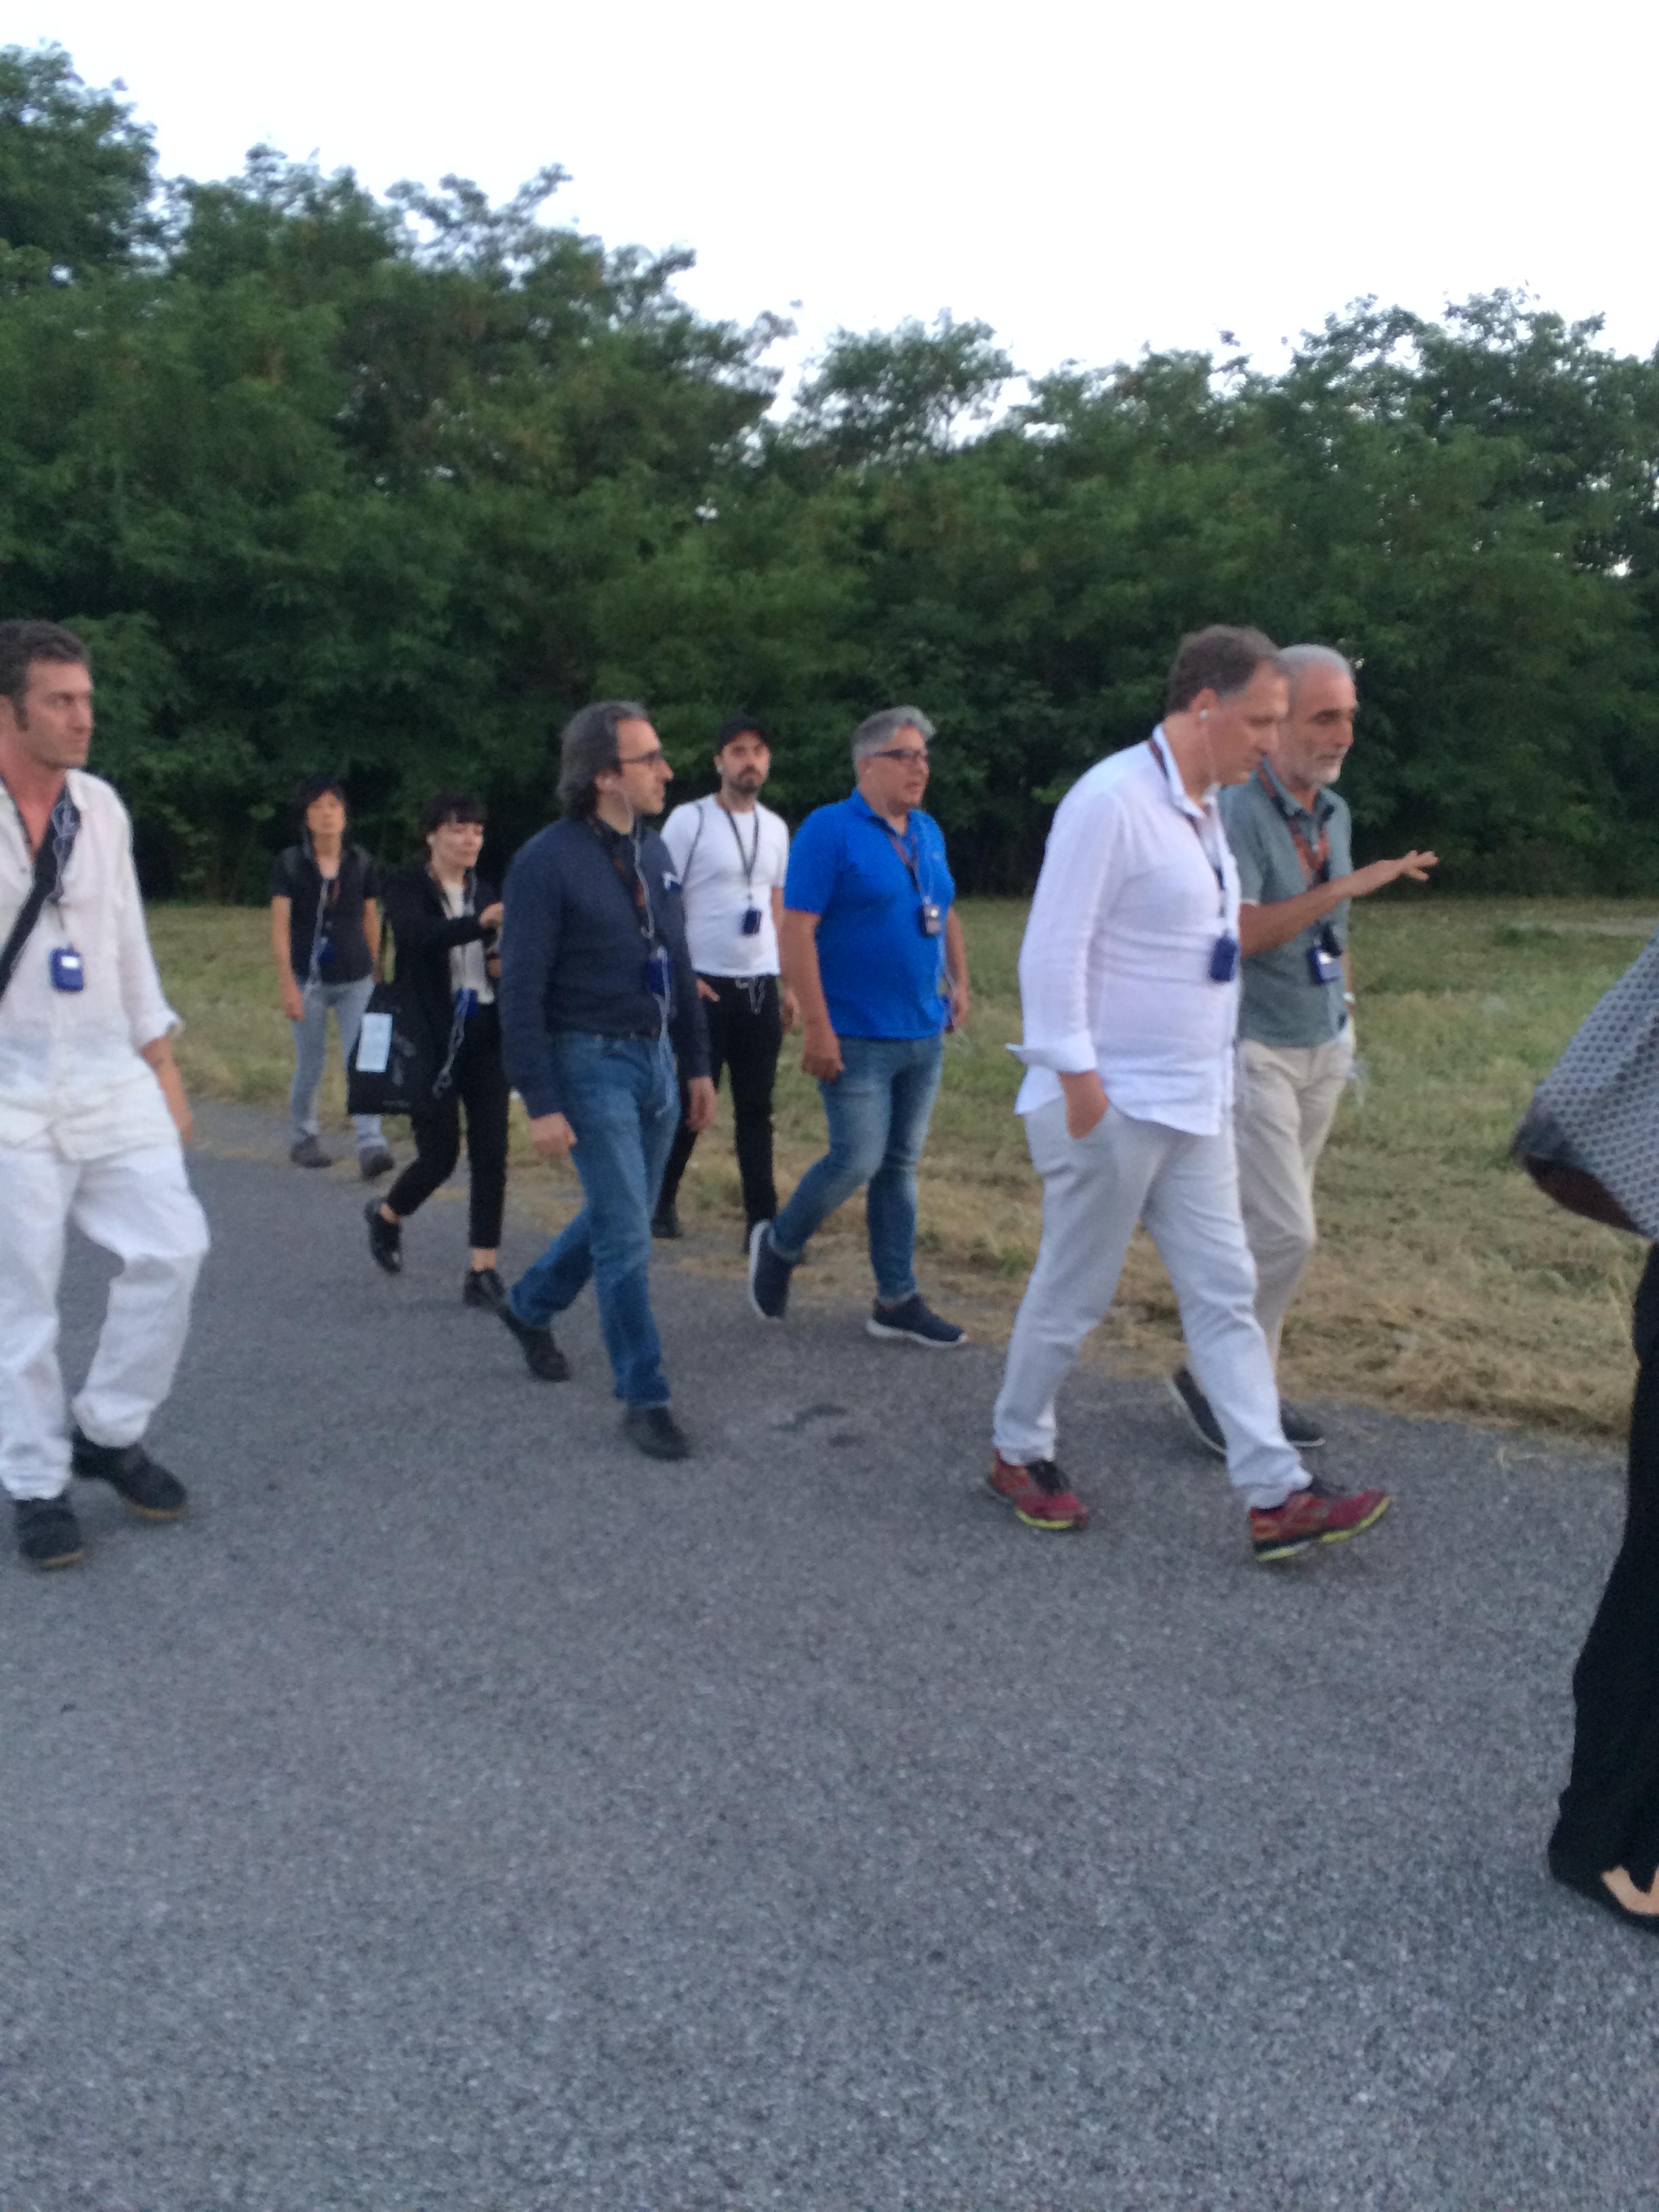 Doping ed antidoping – Ettore Bacchini (medico dello sport) lasciando la ex concessionaria Opel